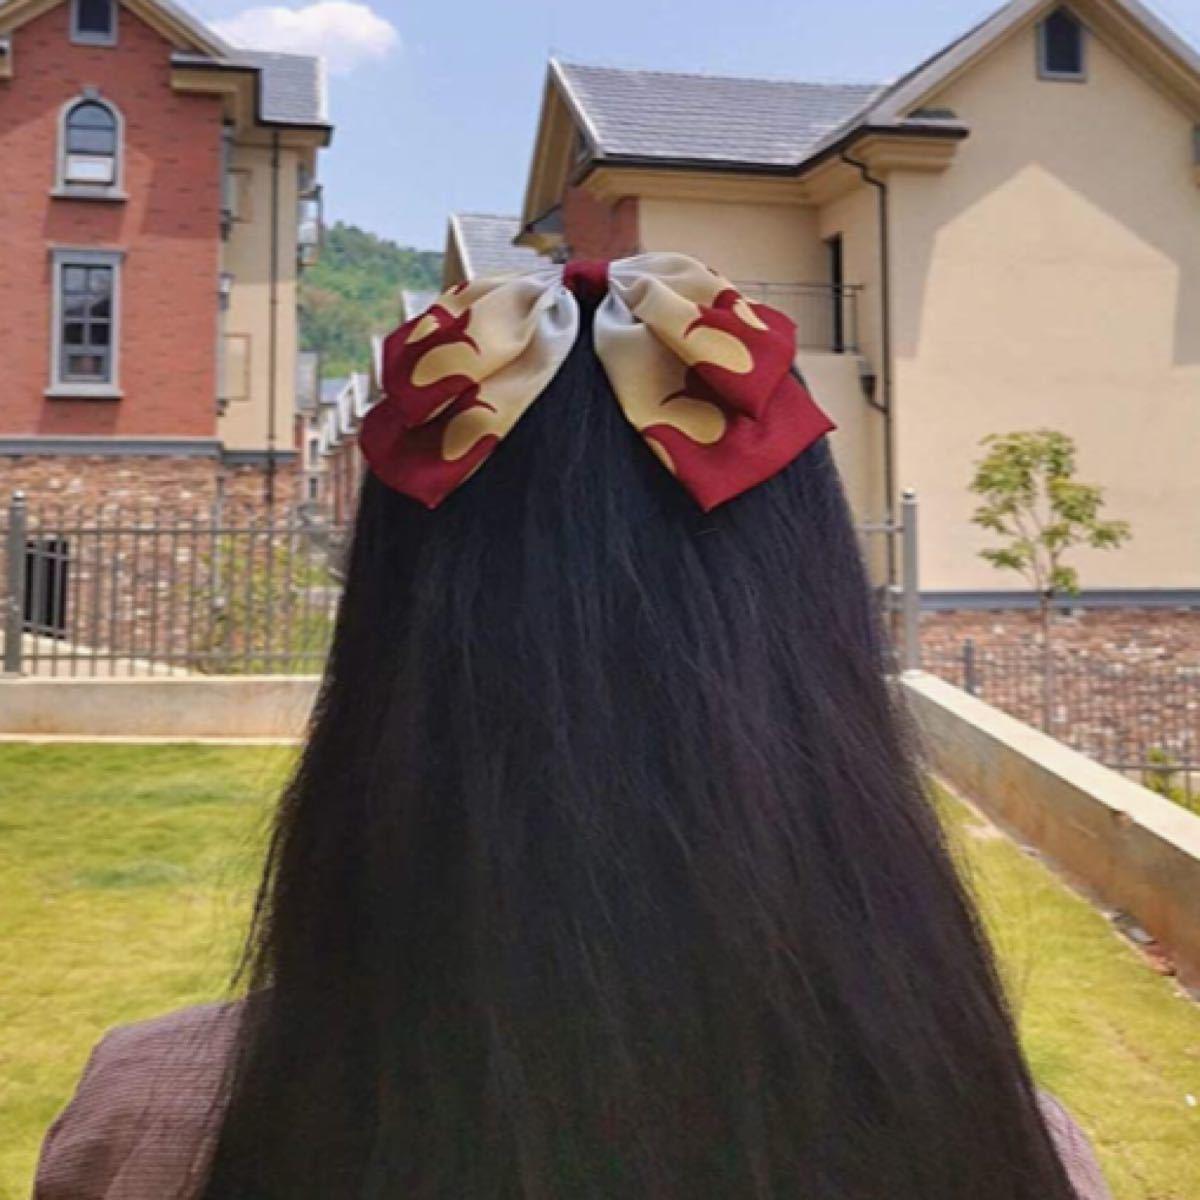 鬼滅の刃 リボン ヘアゴム 髪飾り ヘアアクセサリー!